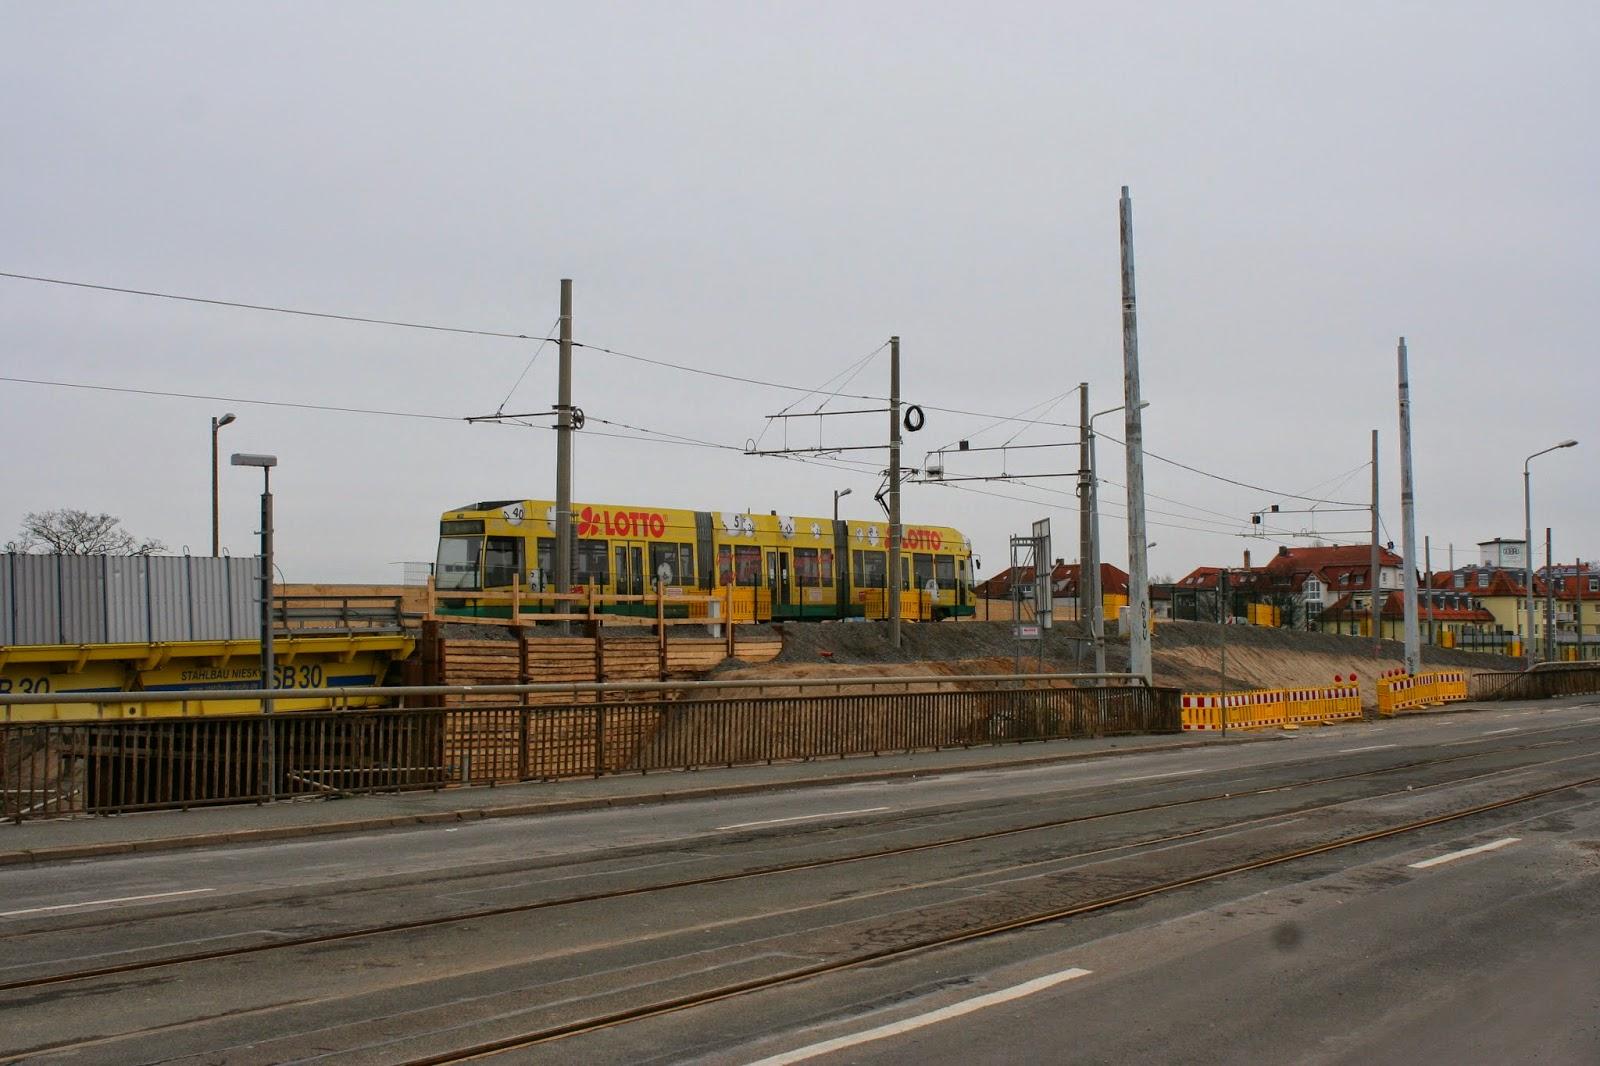 Antonienbrücke 03.01.2015 - Blick von der alten Antonienbrücke auf die Strassenbahn, die gerade auf der Hilfsbrücke fährt